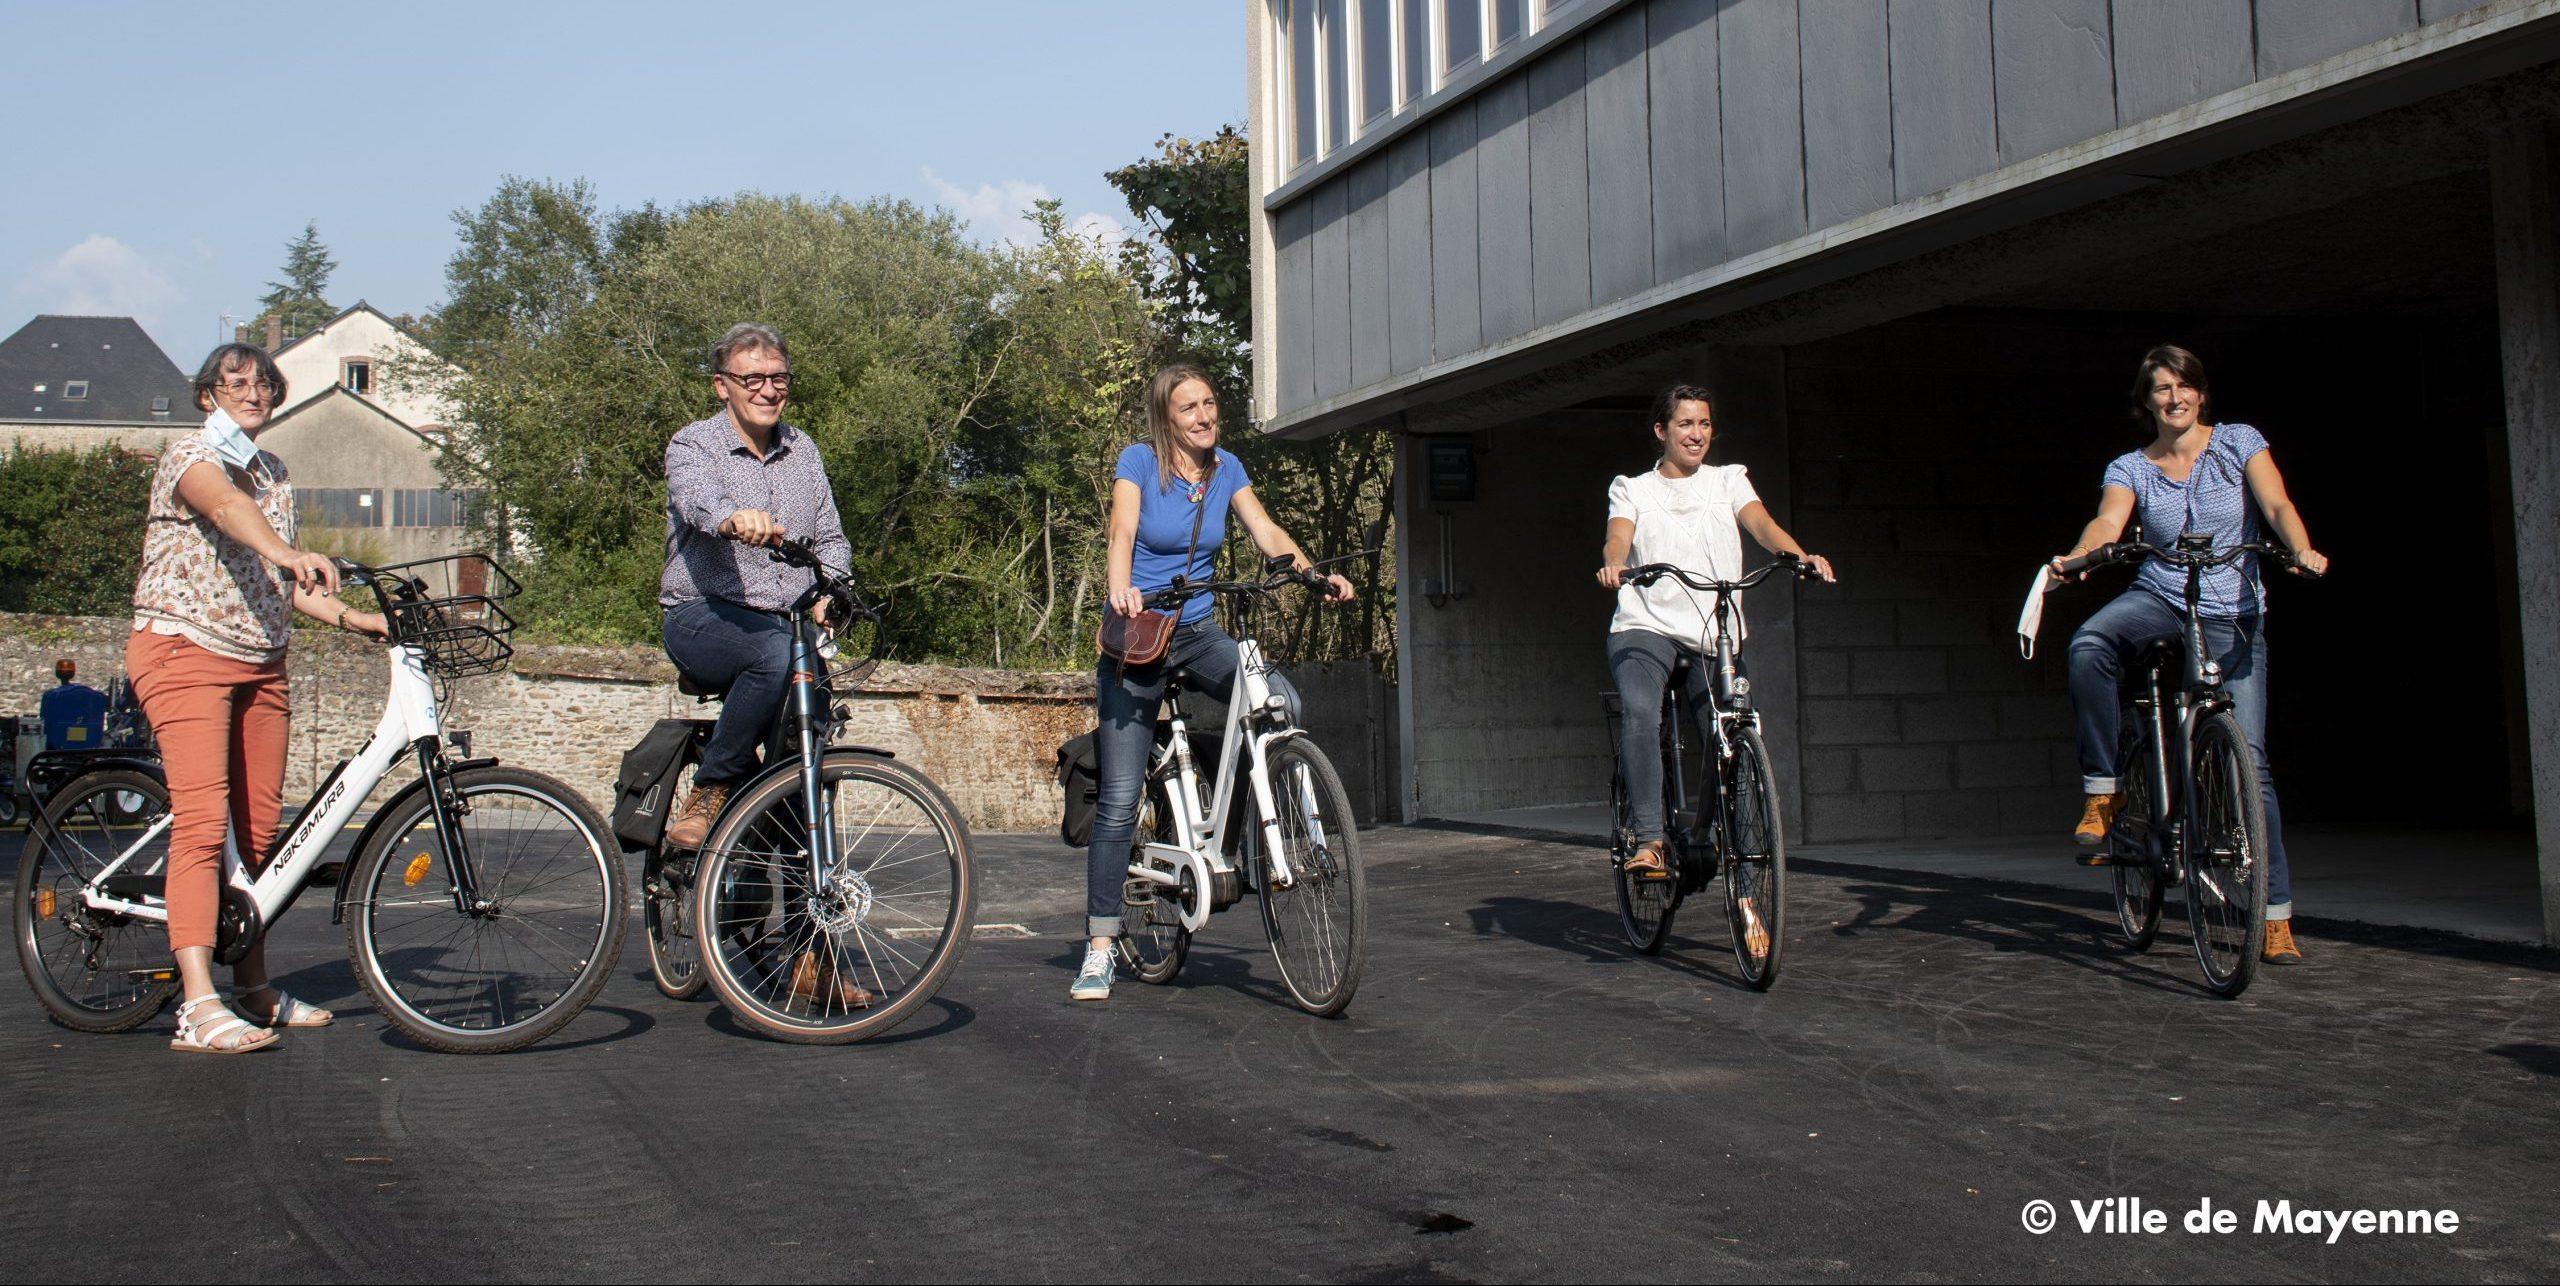 Élu(e)s et agents ont testé des vélos électrique à l'occasion de la Semaine de la mobilité 2020.